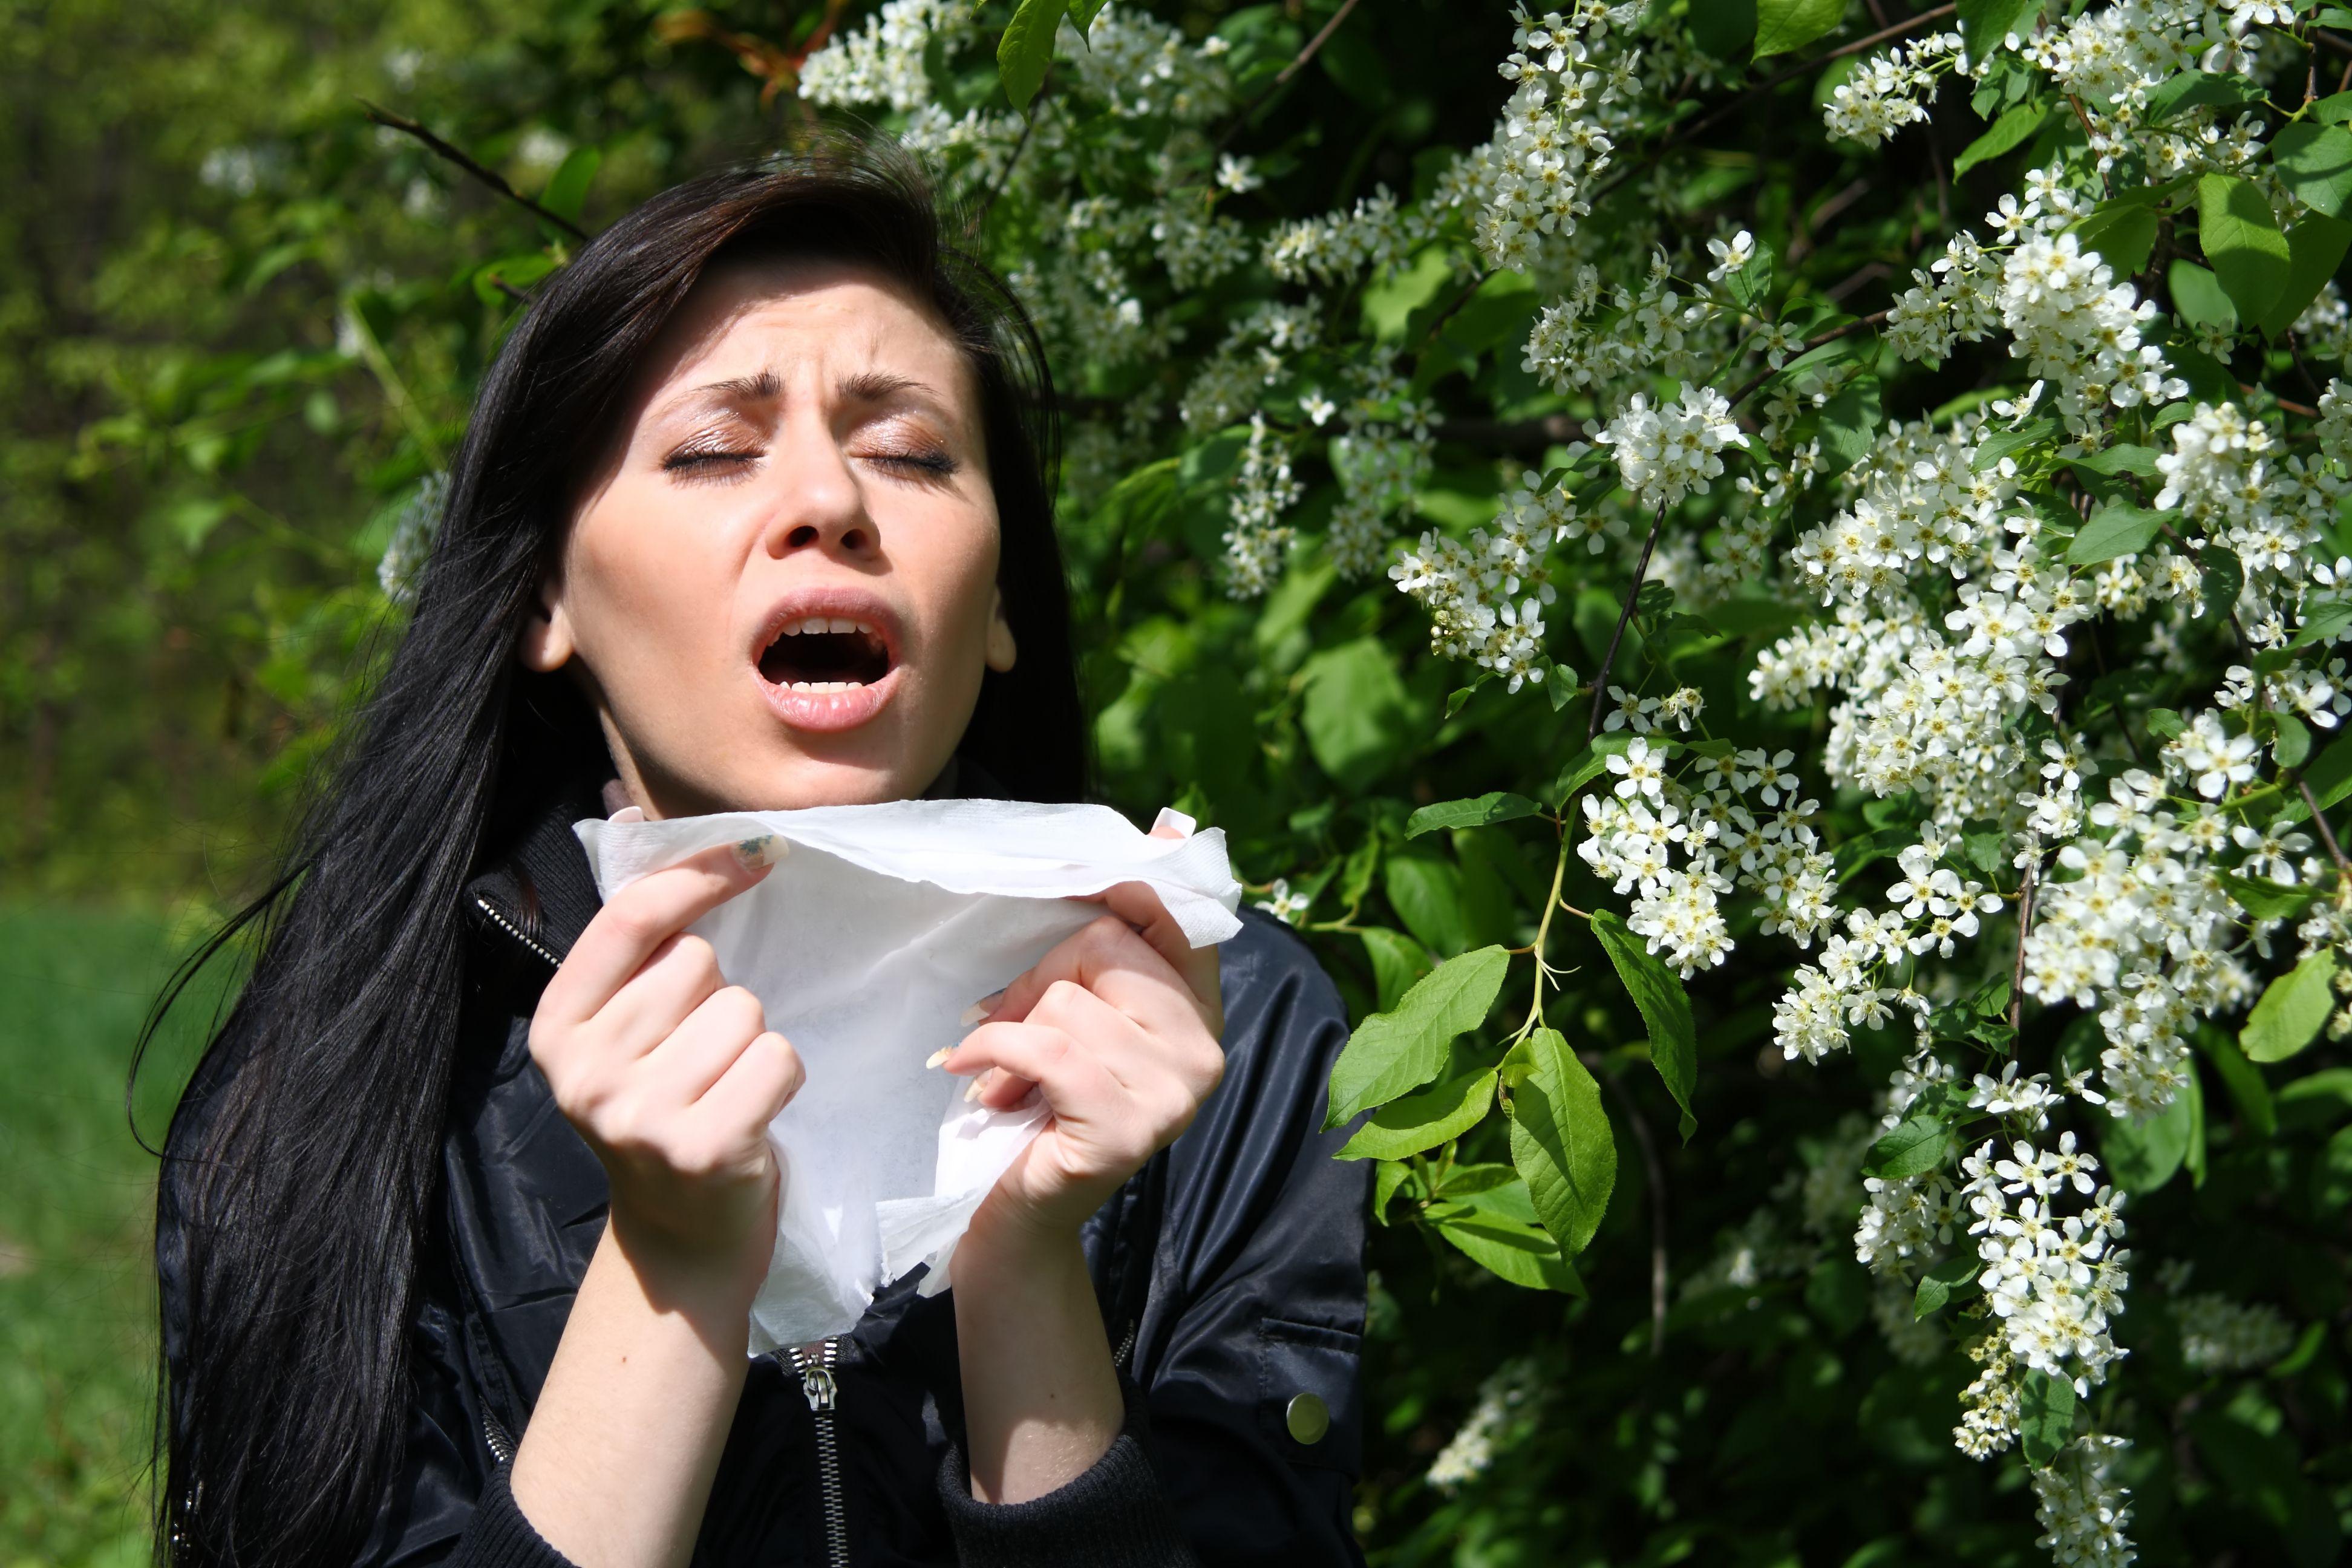 Dacă în sezonul rece v-aţi alimentat greșit, este posibil să fiţi mai predispuşi răcelilor şi gripelor de primăvară